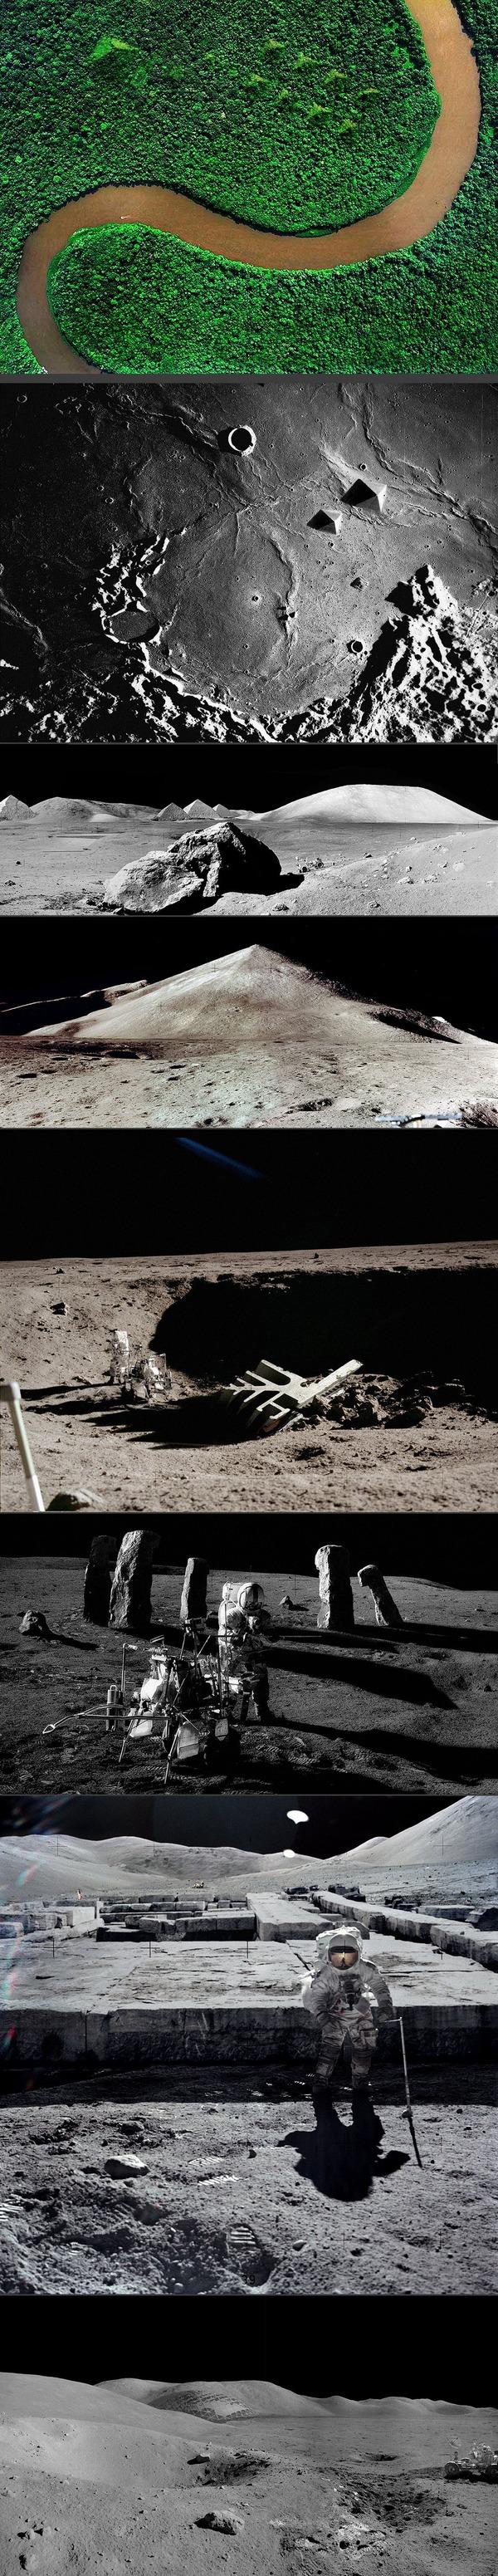 【遂にきた真実】ウィキリークスから超古代文明を確定させる写真がボロウされる【月ピラミッド】